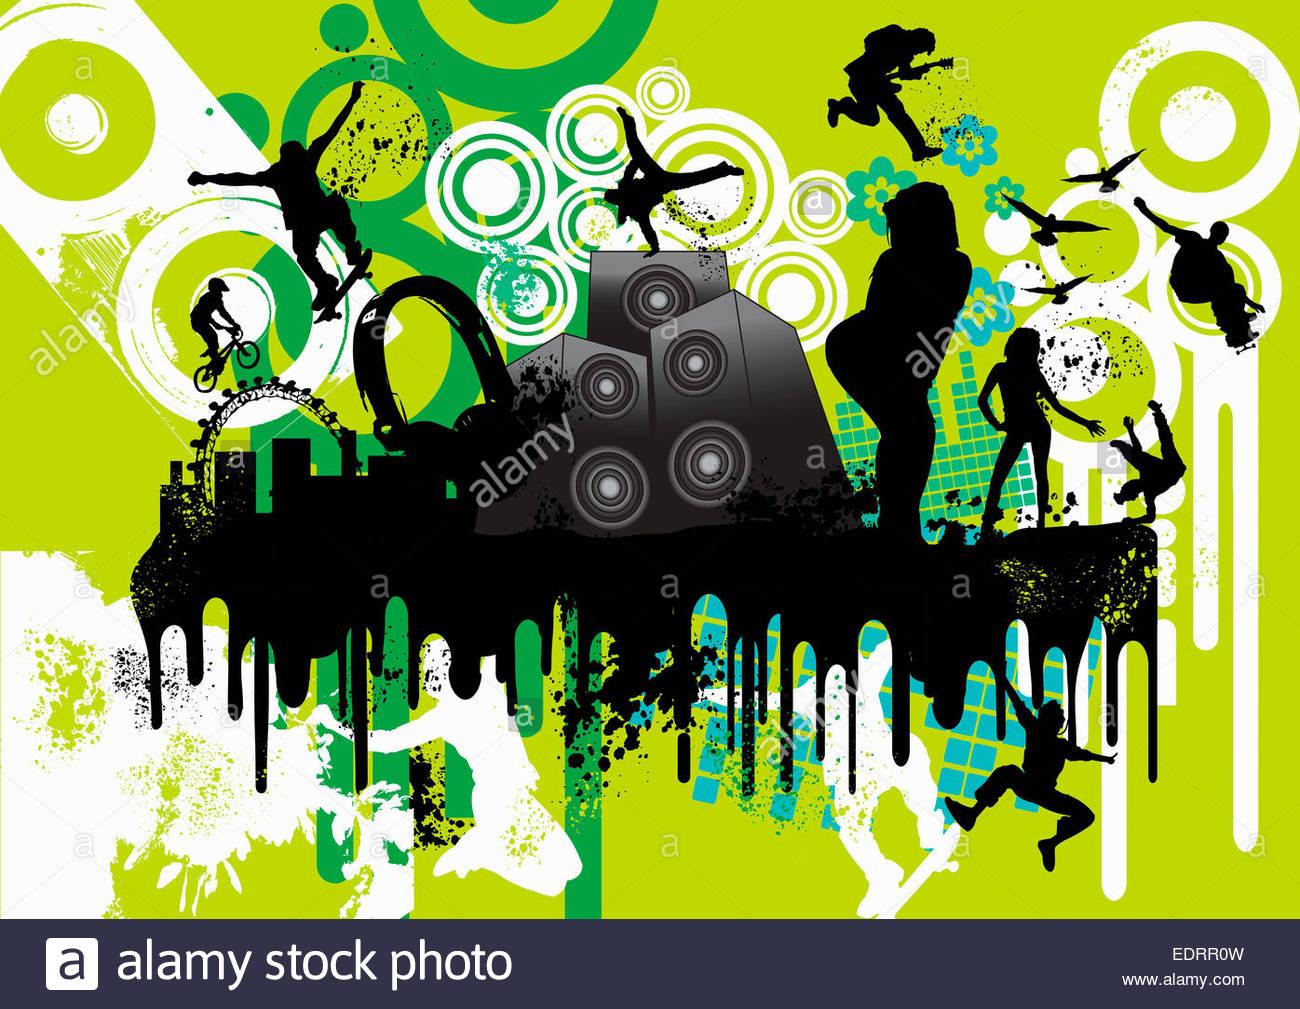 Montage von energetischen junge Menschen genießen urbanen Jugendkultur, Musik, Skaten und Radfahren Stockbild